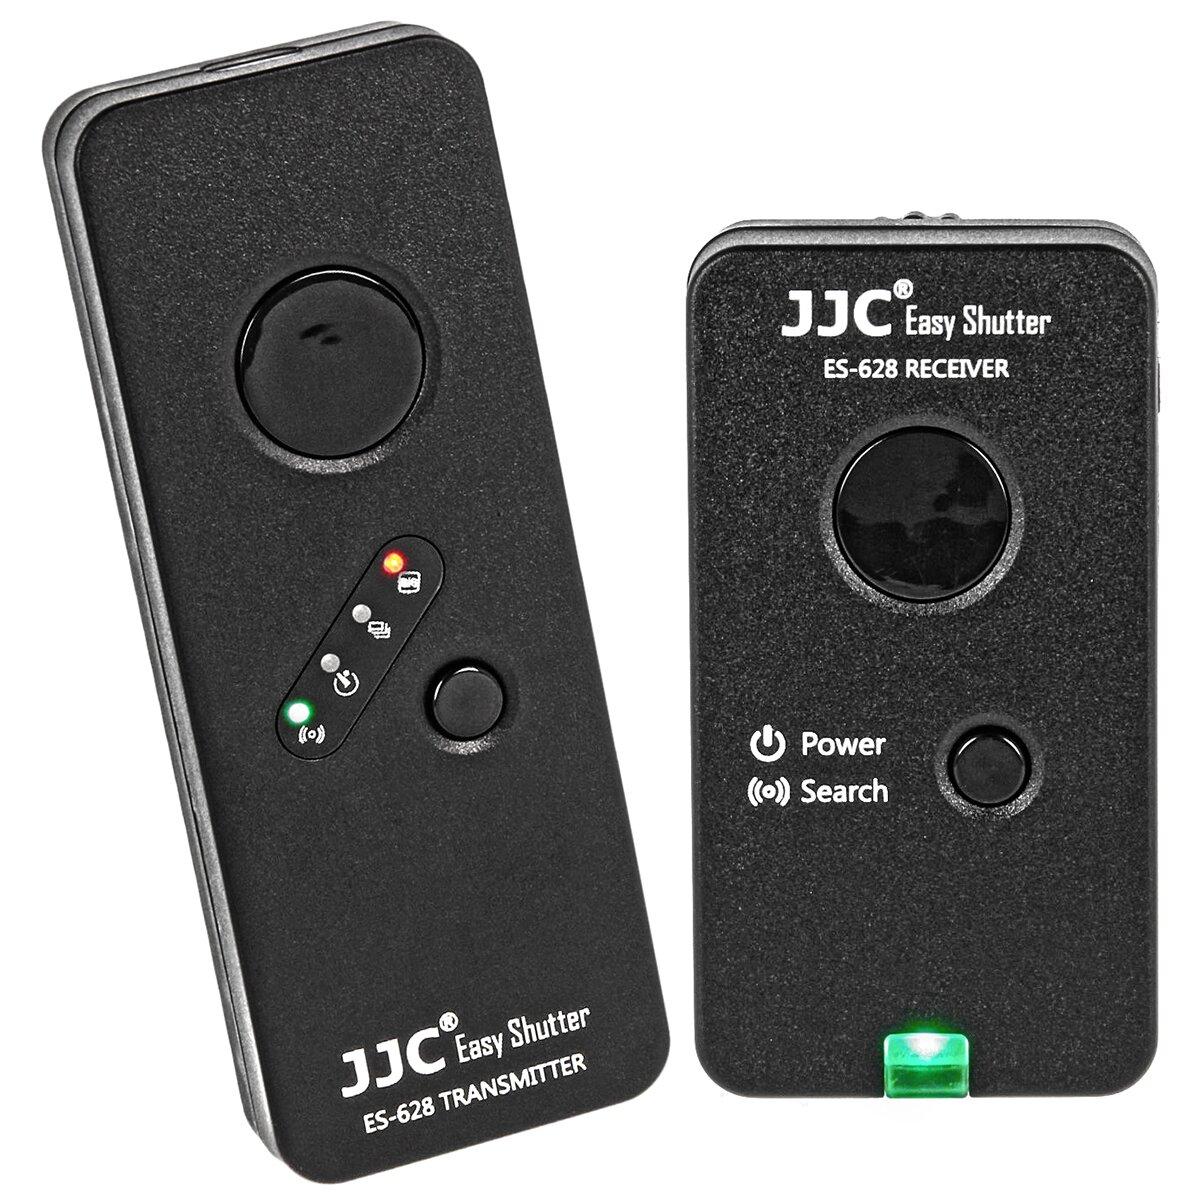 JJC Fernauslöser, Kabelauslöser kompatibel mit Pentax K-70   Fernbedienung 2,4GHz mit 100 Meter Reichweite   ersetzt Pentax CS-310